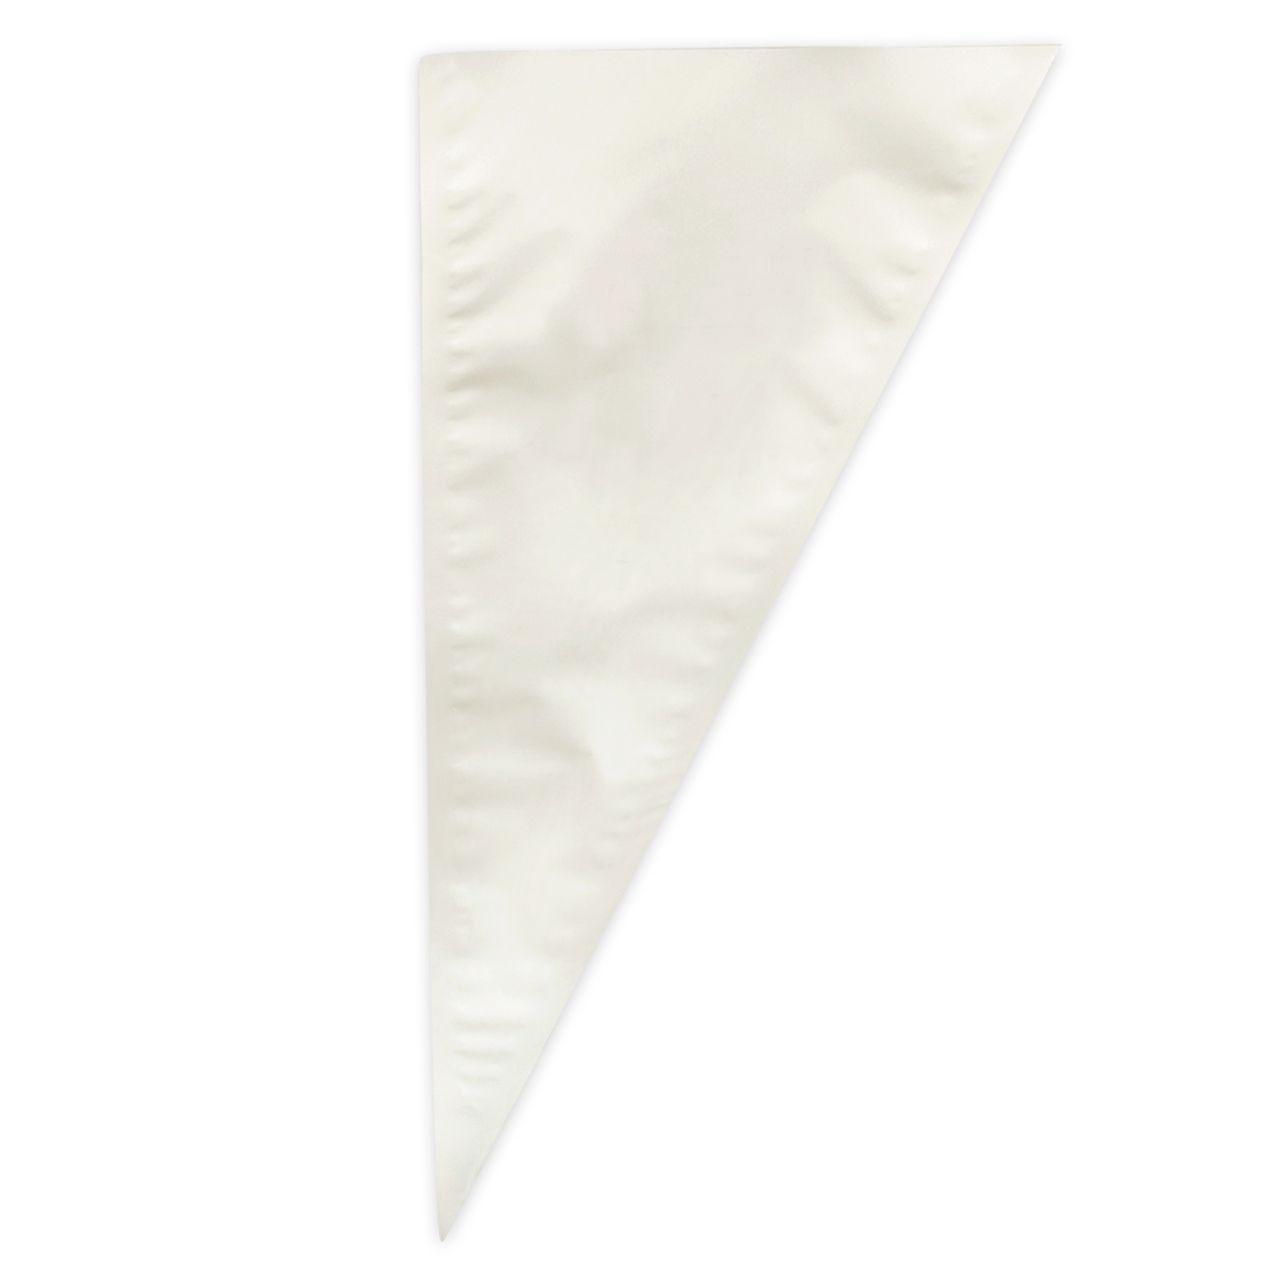 Saco para Confeitar Descartável Gigante 26 x 47cm (50 uni) - Mago